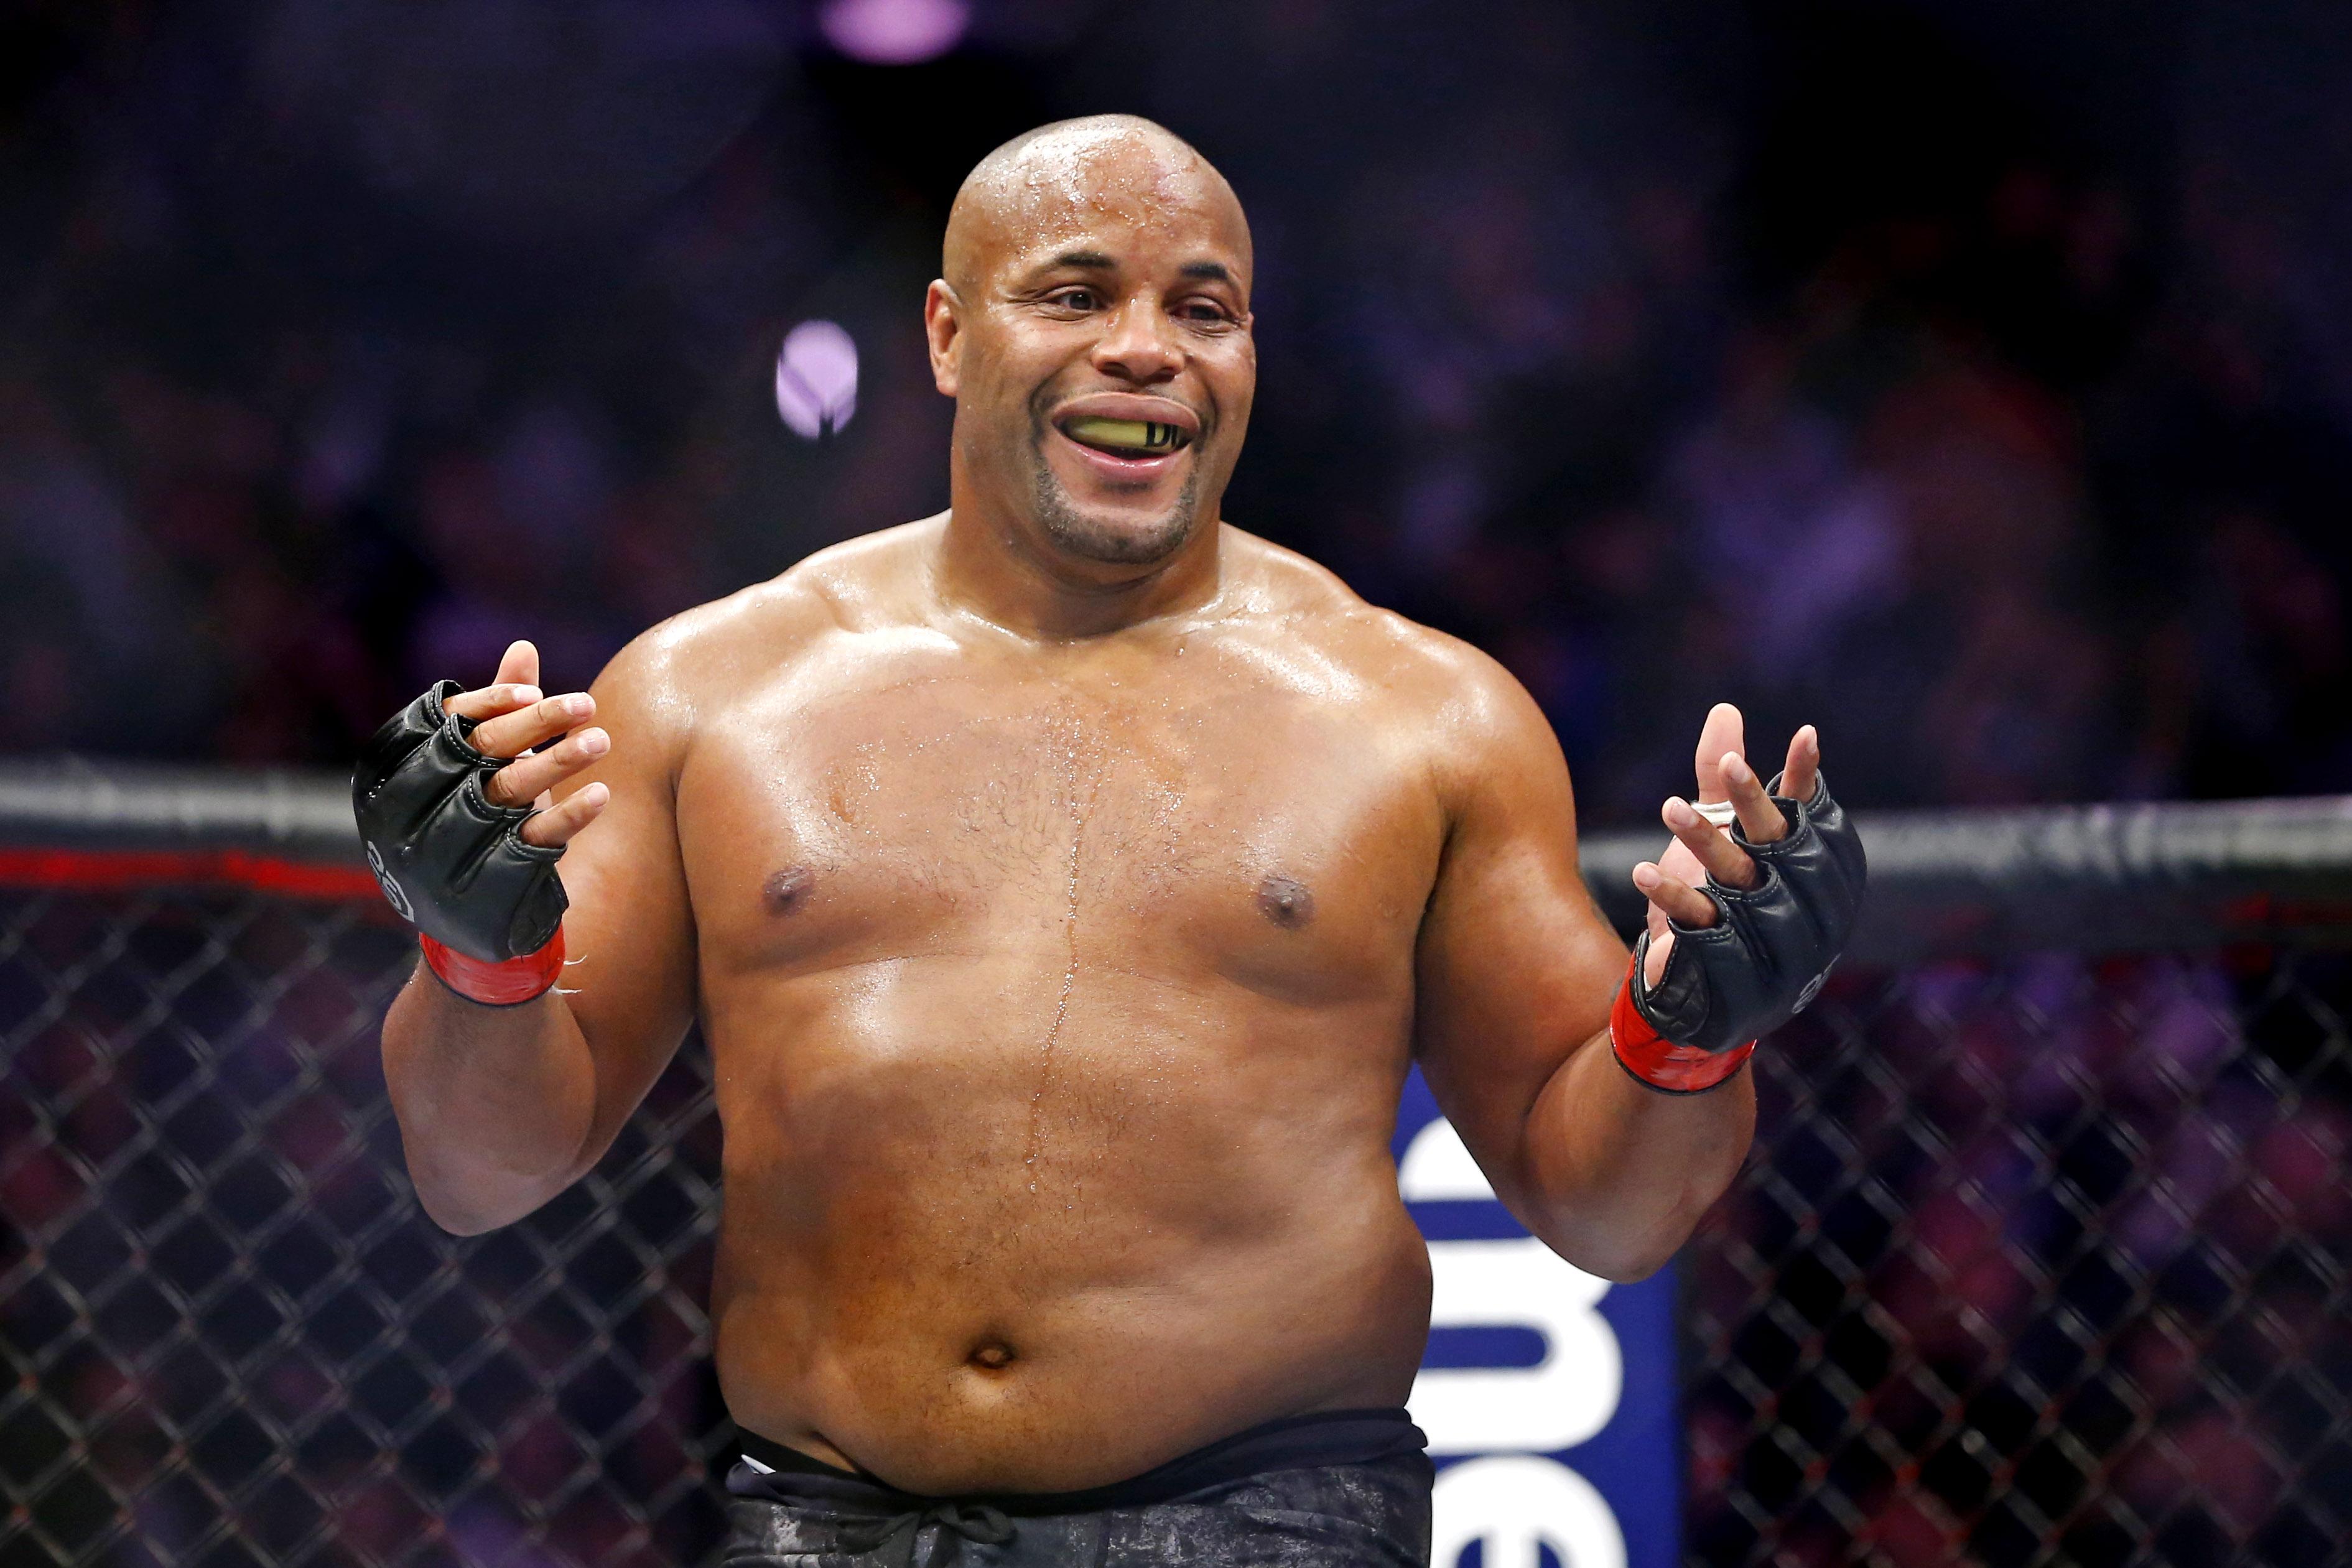 MMA: UFC 230 - Cormier vs Lewis